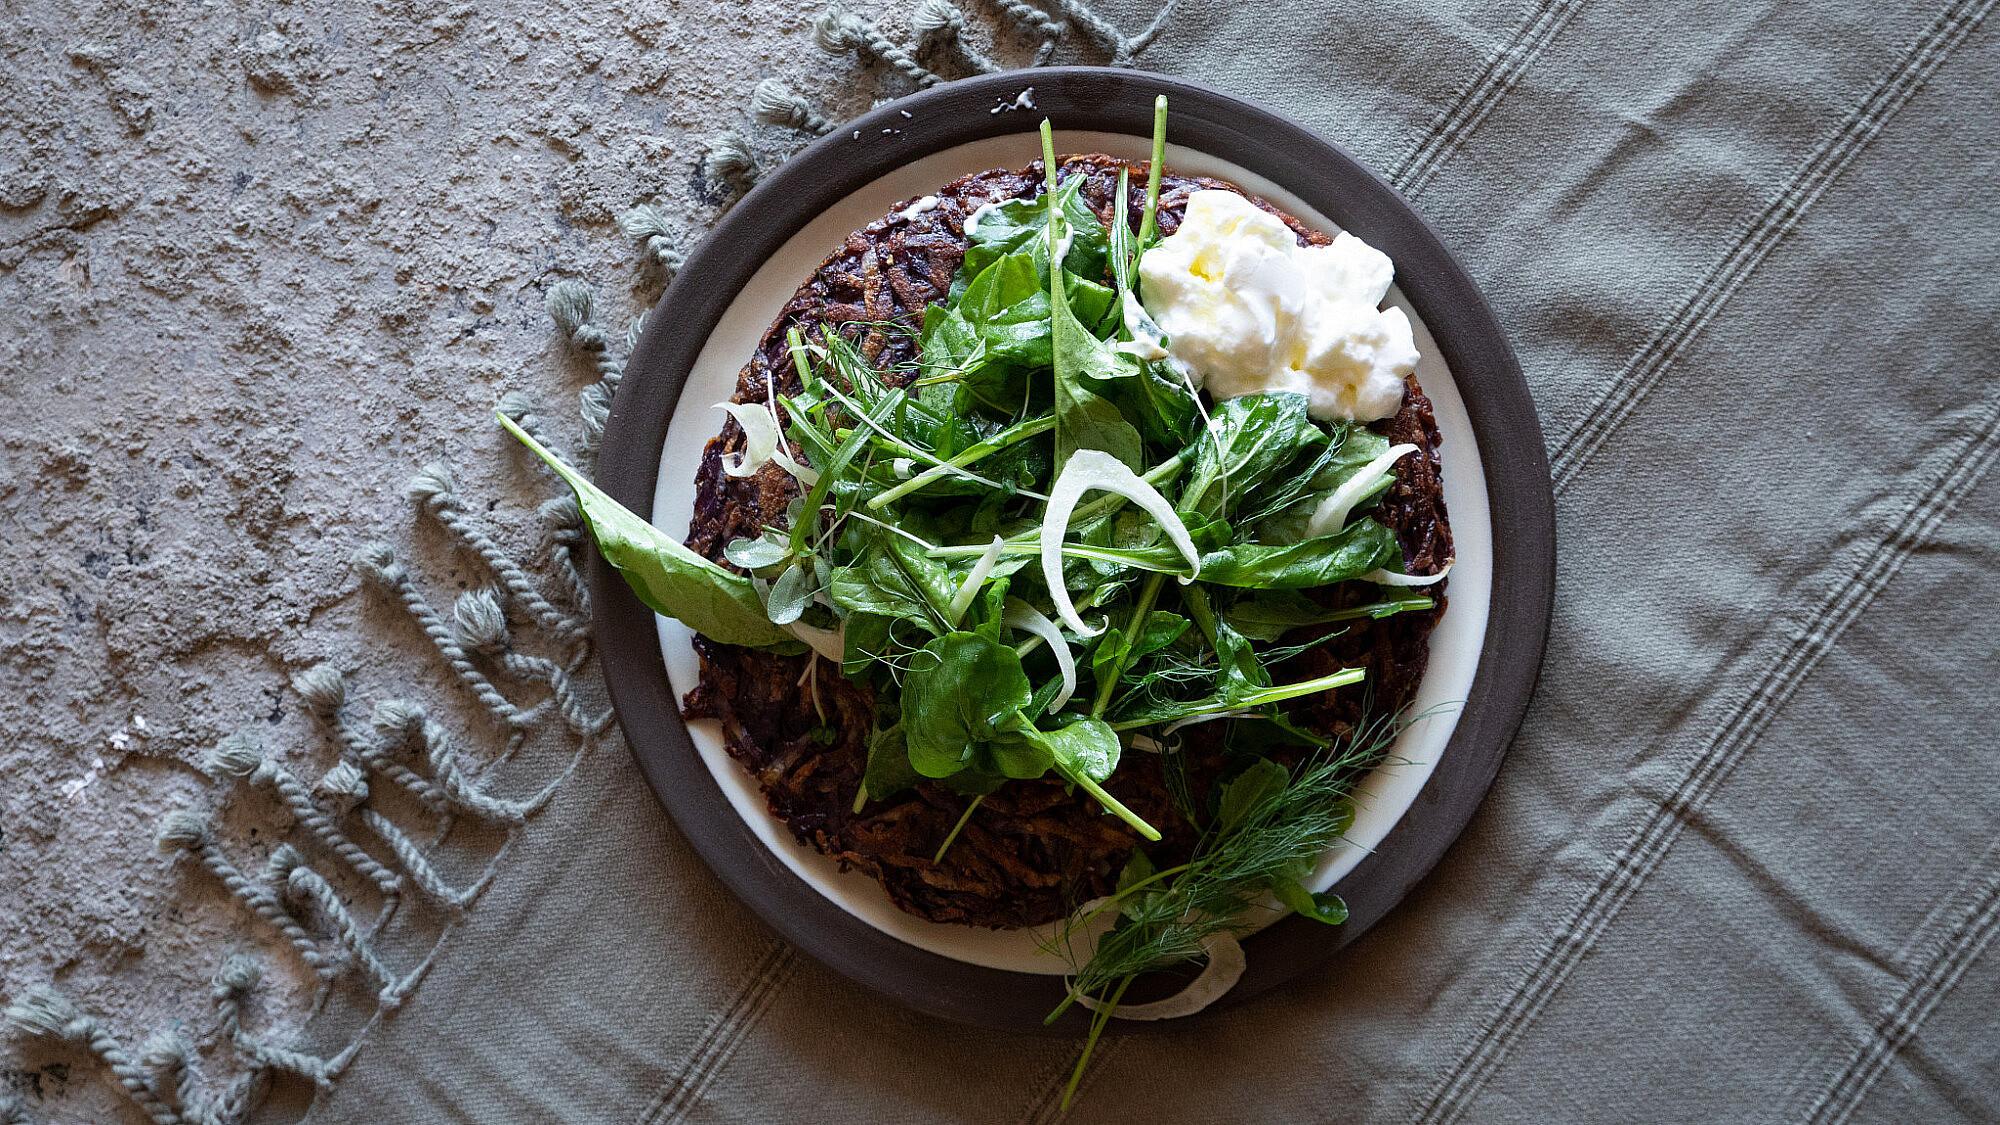 רושטי סגול וסלט ירוקים של מיכל חביביאן   צילום: שני בריל